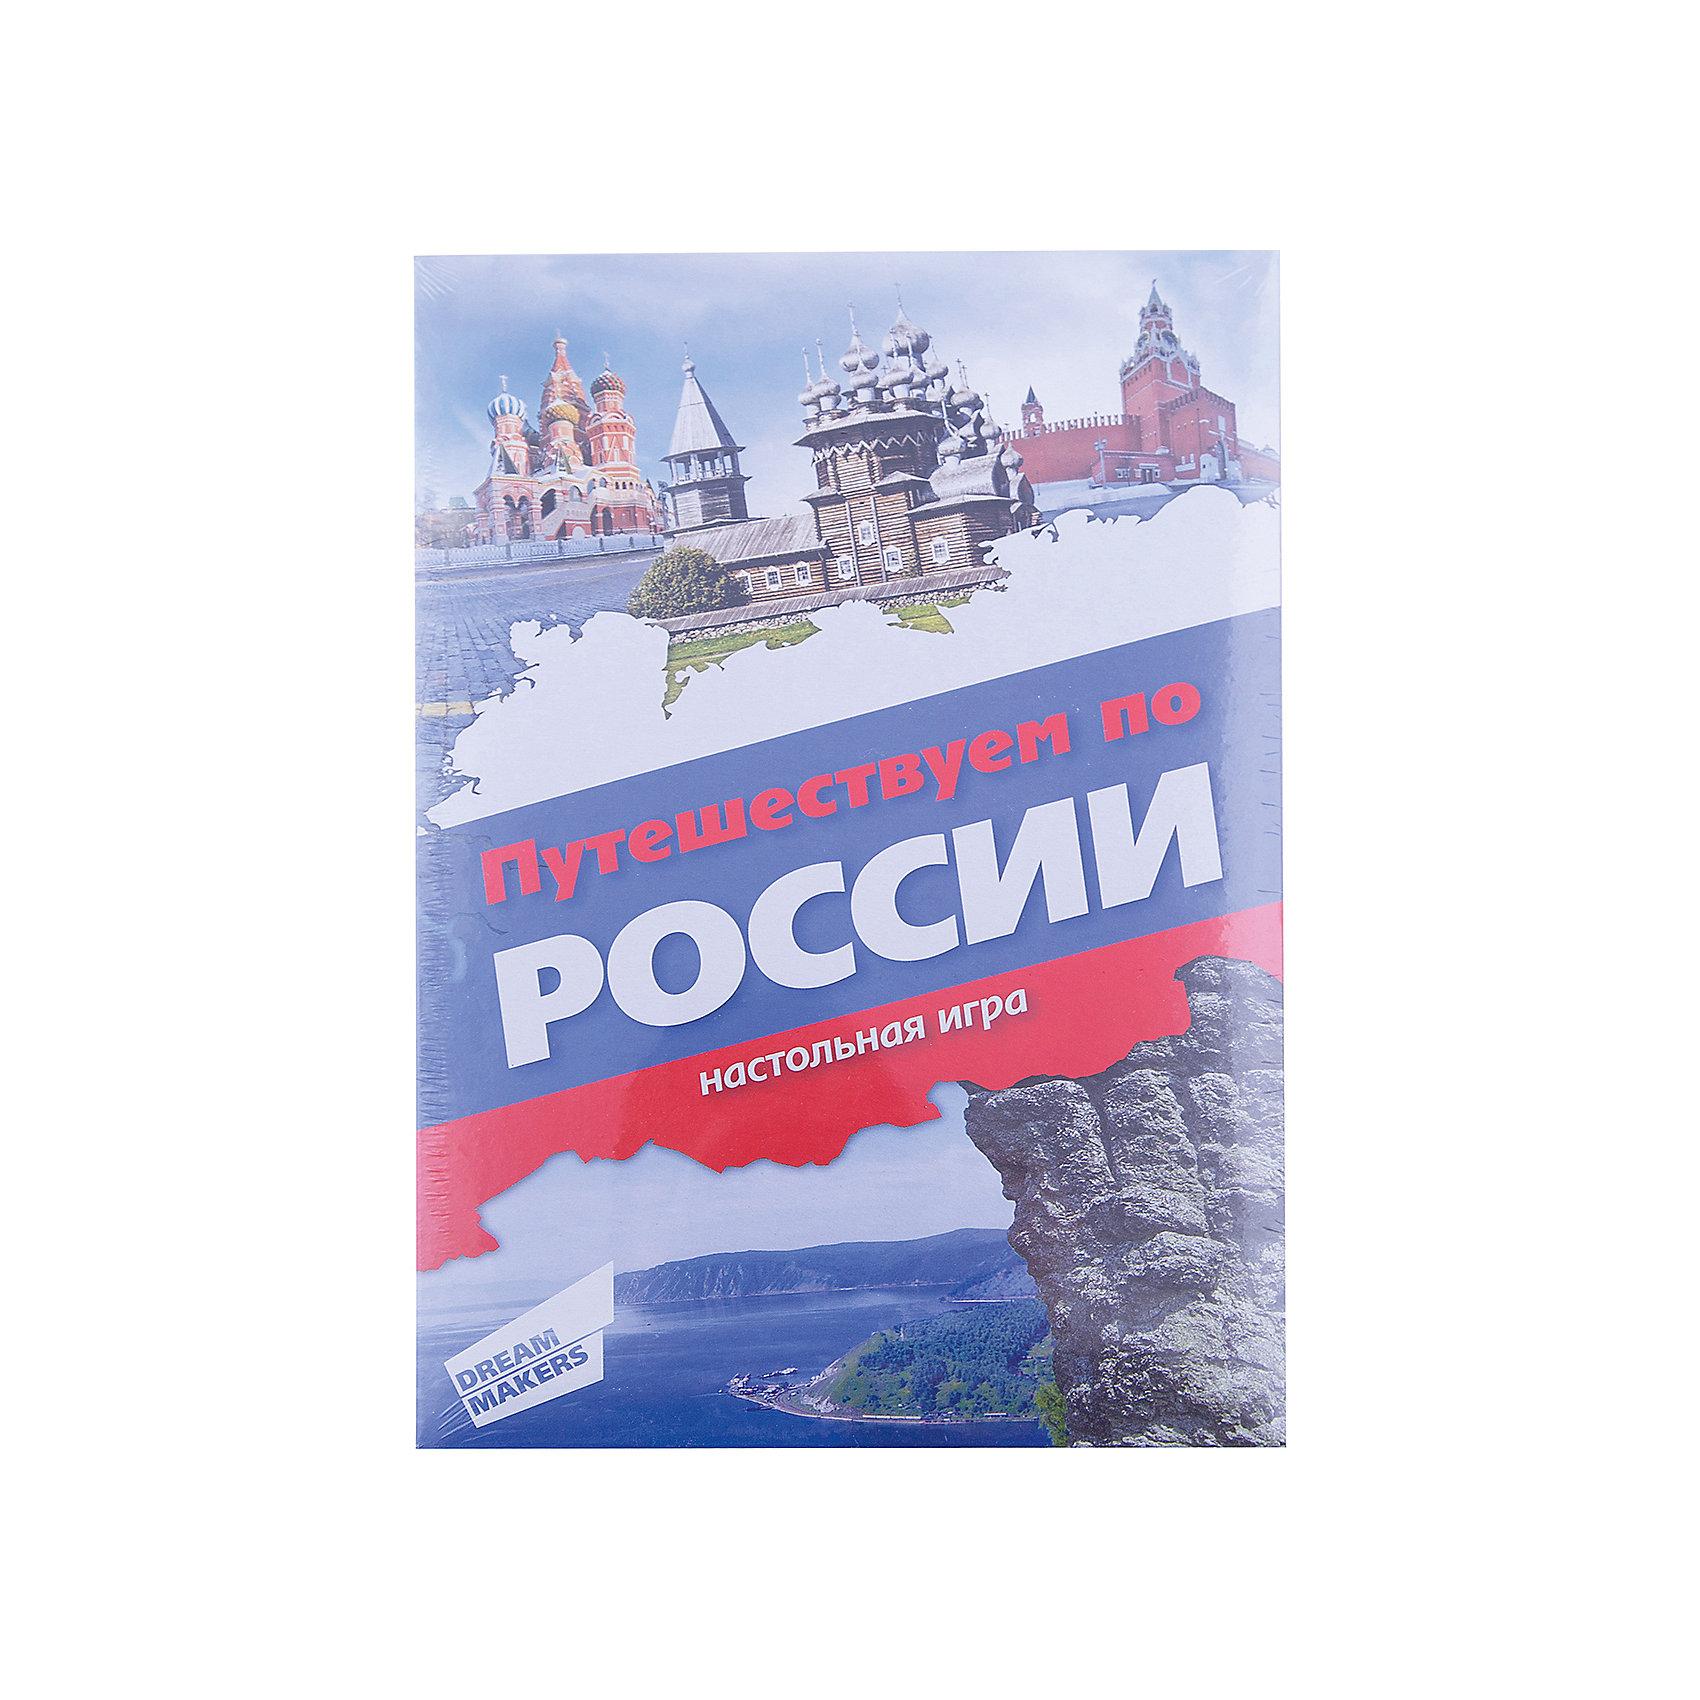 Настольная игра Путешествуем по России Dream makersНастольные игры для всей семьи<br>«Путешествуем по России» – это игра-приключение, в которой игроки совершают невероятное путешествие по замечательным местам нашей Родины. Цель игры – «объехать» страну и посетить как можно больше достопримечательностей. На каждой игровой карточке уникальная иллюстрация, дополненная интересными фактами. Игра для детей от 10 лет, рассчитанная на 2-4 игрока, развивает ловкость и координацию. Время игры 20-30 минут. Комплектность: Игровое поле, игровые карточки 40 шт., игральные фишки 4 шт., игральные кубики 5 шт., правила игры.<br><br>Ширина мм: 245<br>Глубина мм: 170<br>Высота мм: 50<br>Вес г: 200<br>Возраст от месяцев: 120<br>Возраст до месяцев: 2147483647<br>Пол: Унисекс<br>Возраст: Детский<br>SKU: 7040261